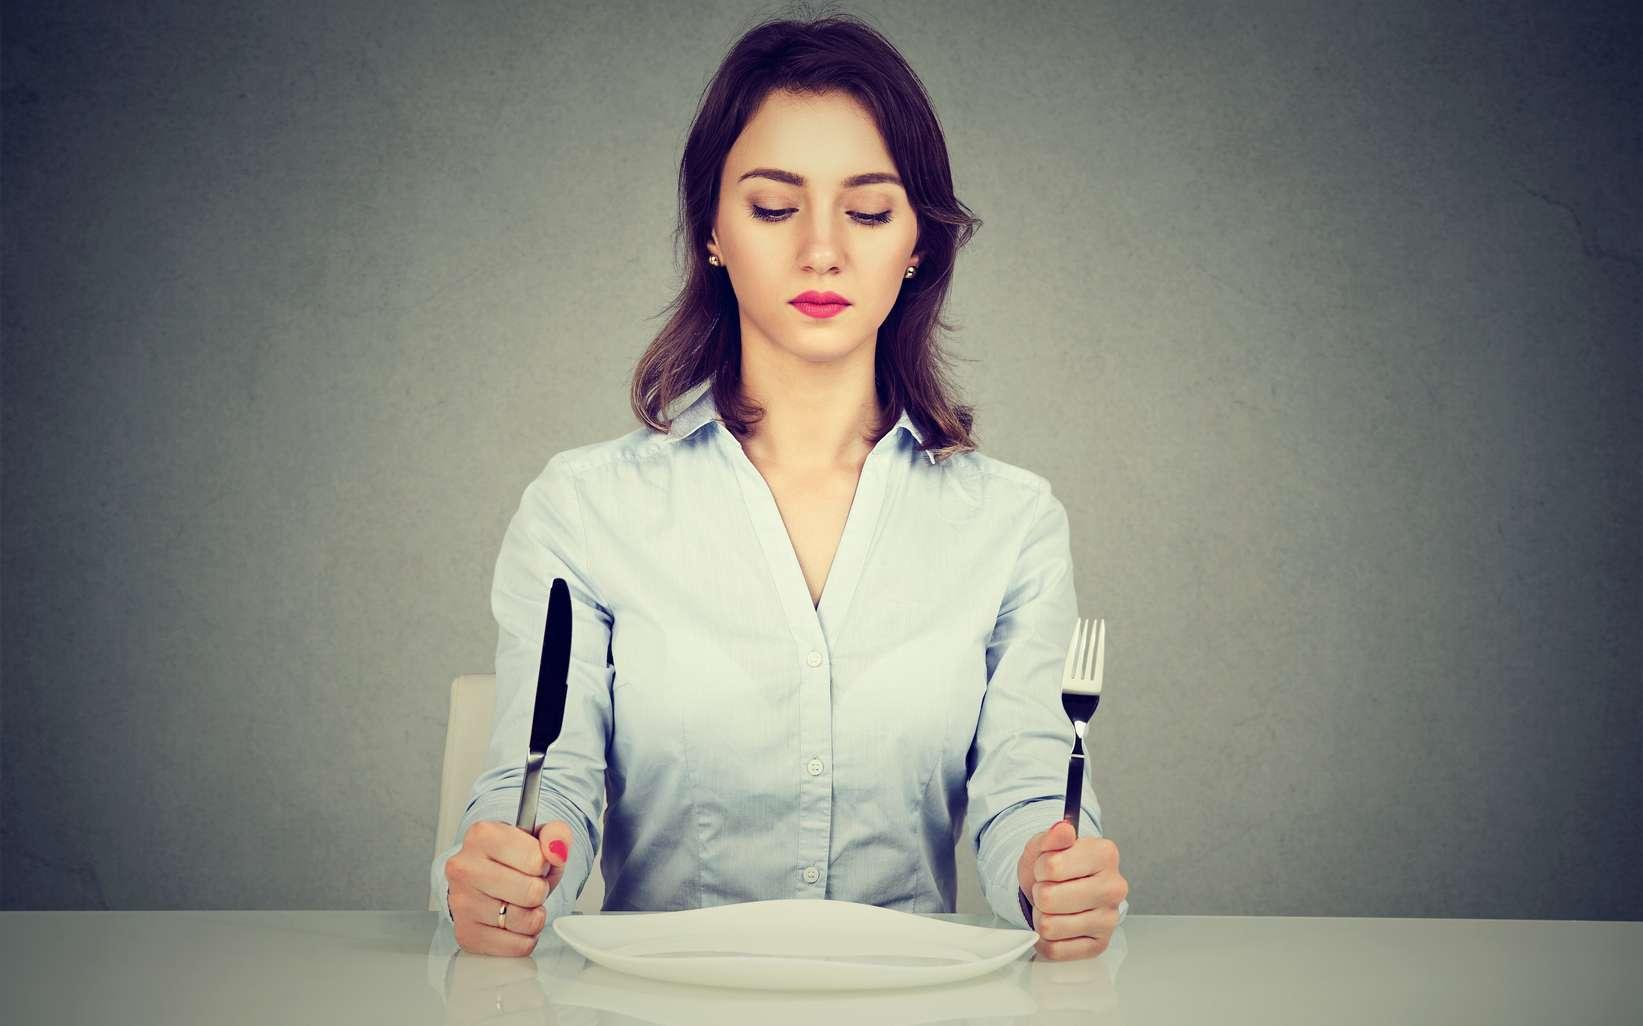 Un chiffre moins élevé sur la balance indique bien une perte de poids, mais il s'agit souvent d'une perte de muscles dans le cadre d'un régime. © pathdoc, Fotolia